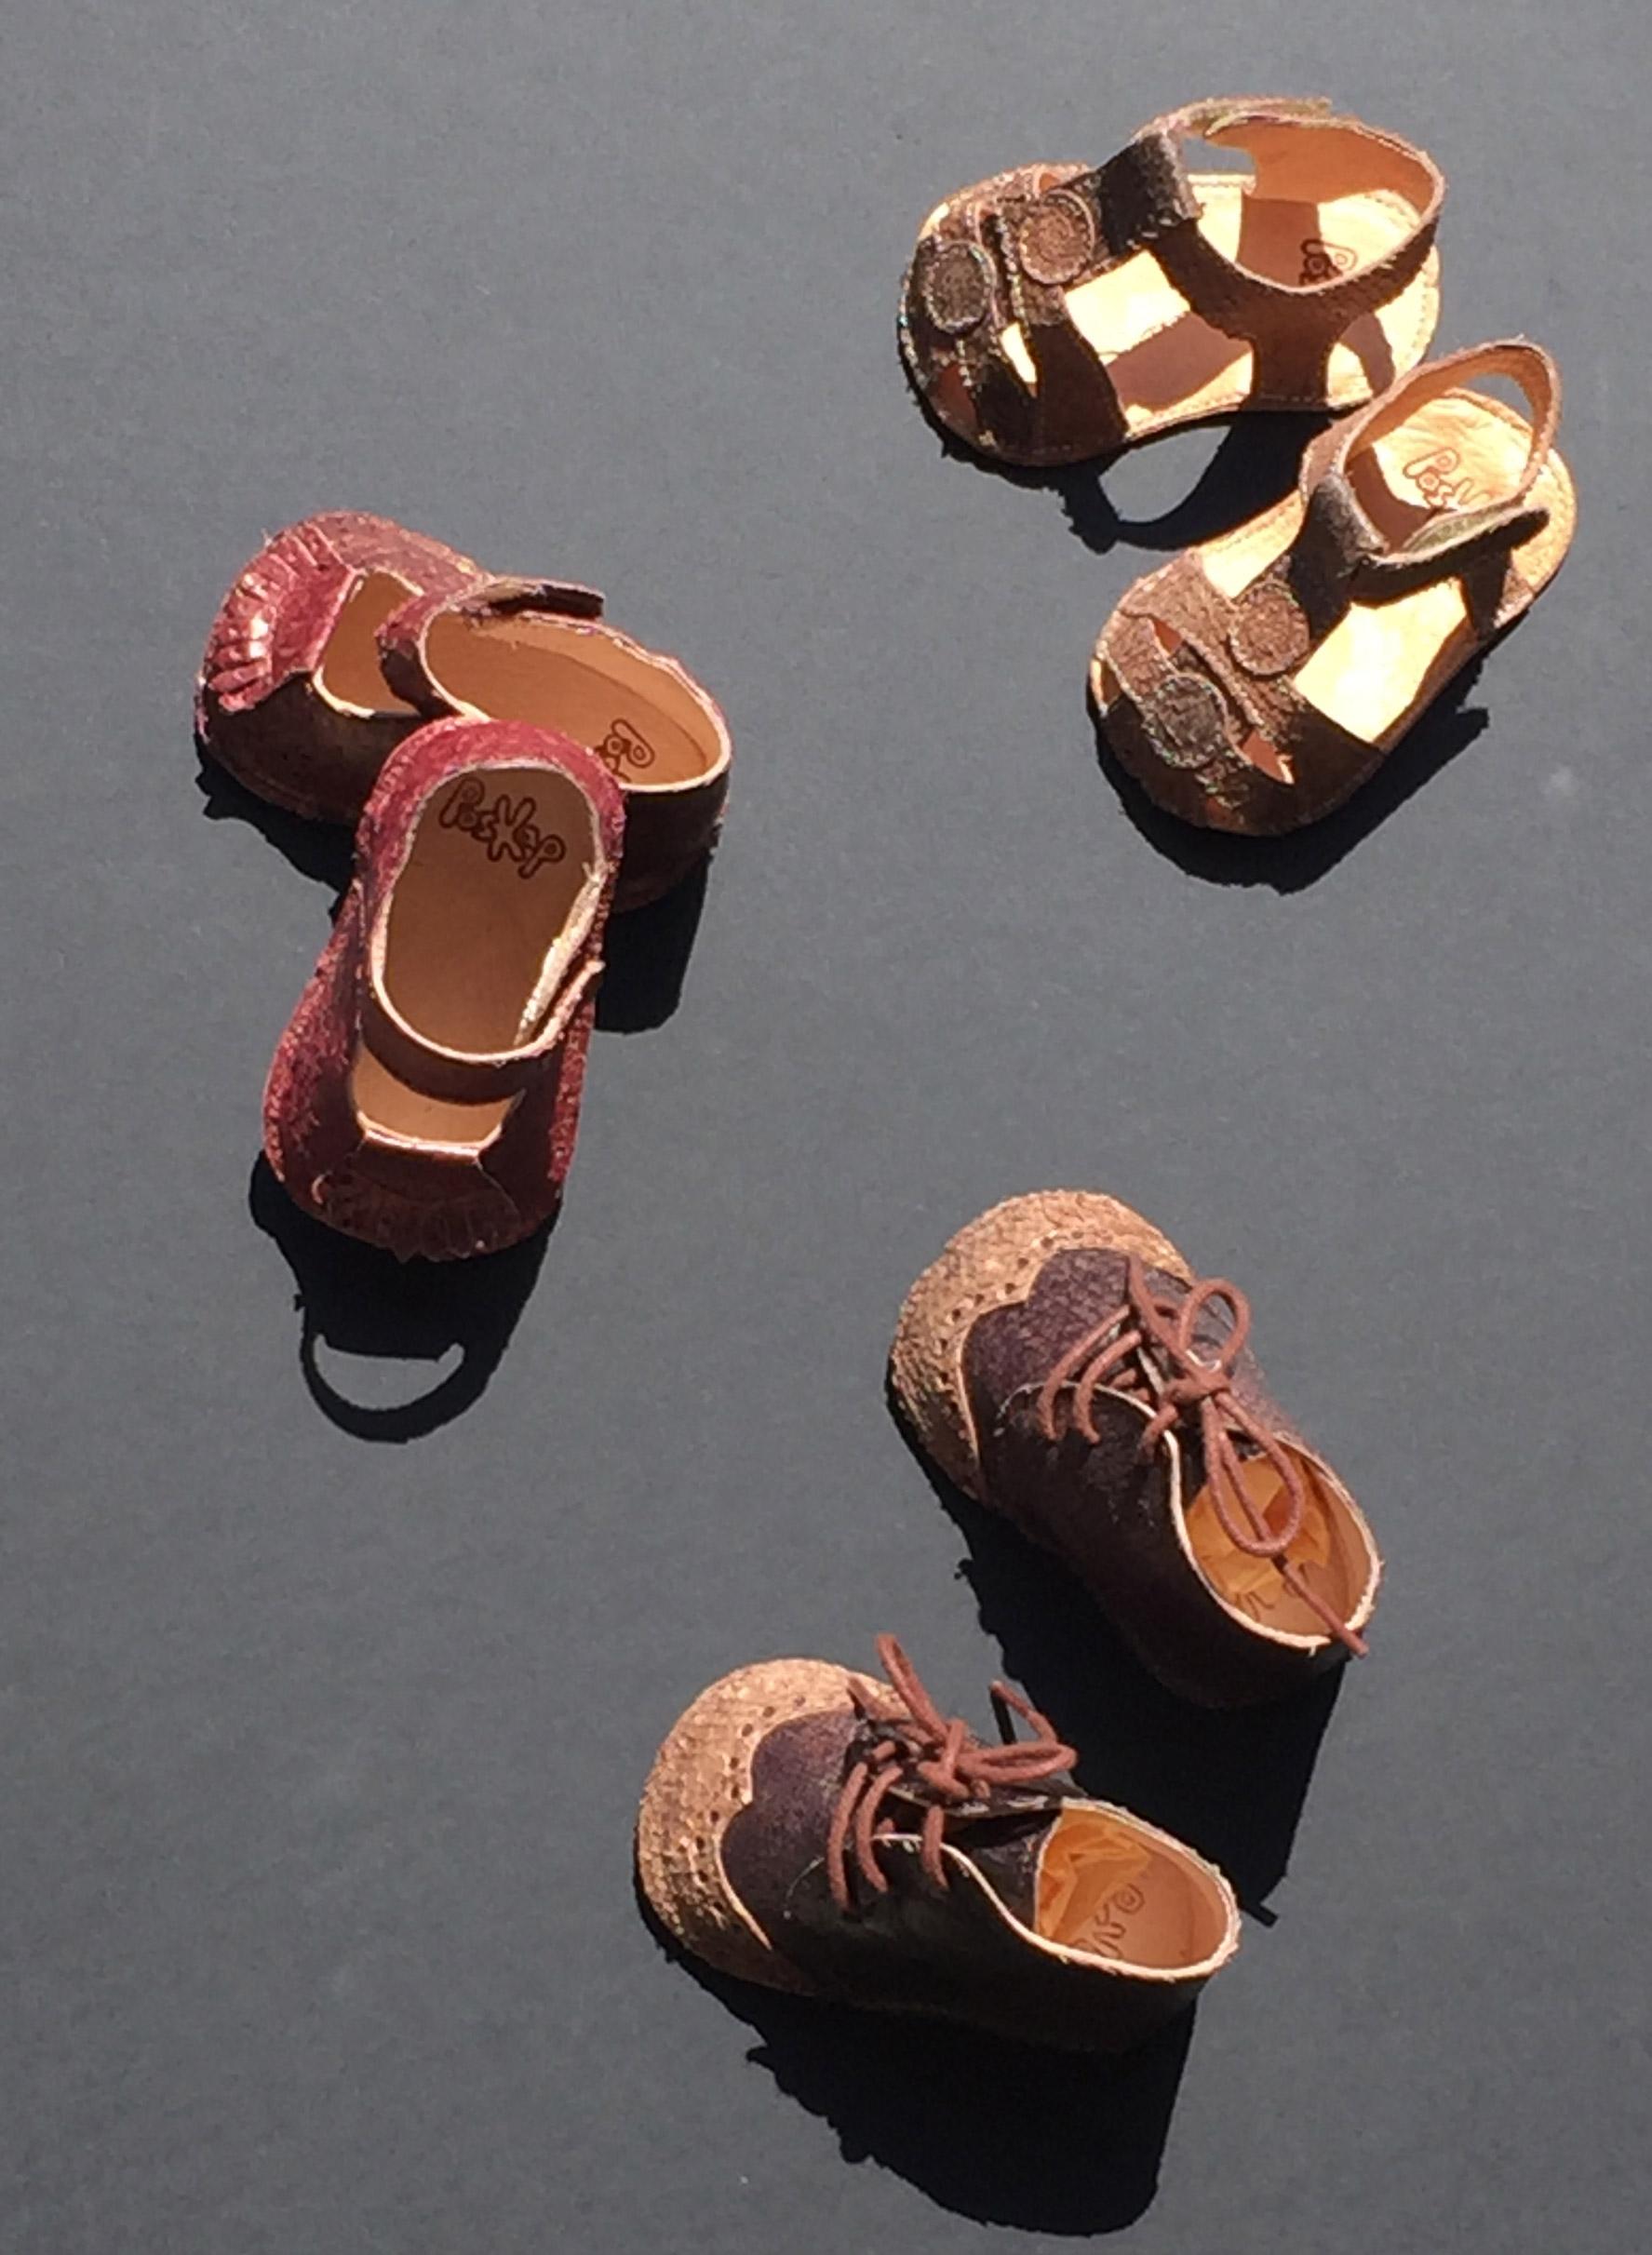 Kinderschuhe aus Fischleder gefertigt, femer